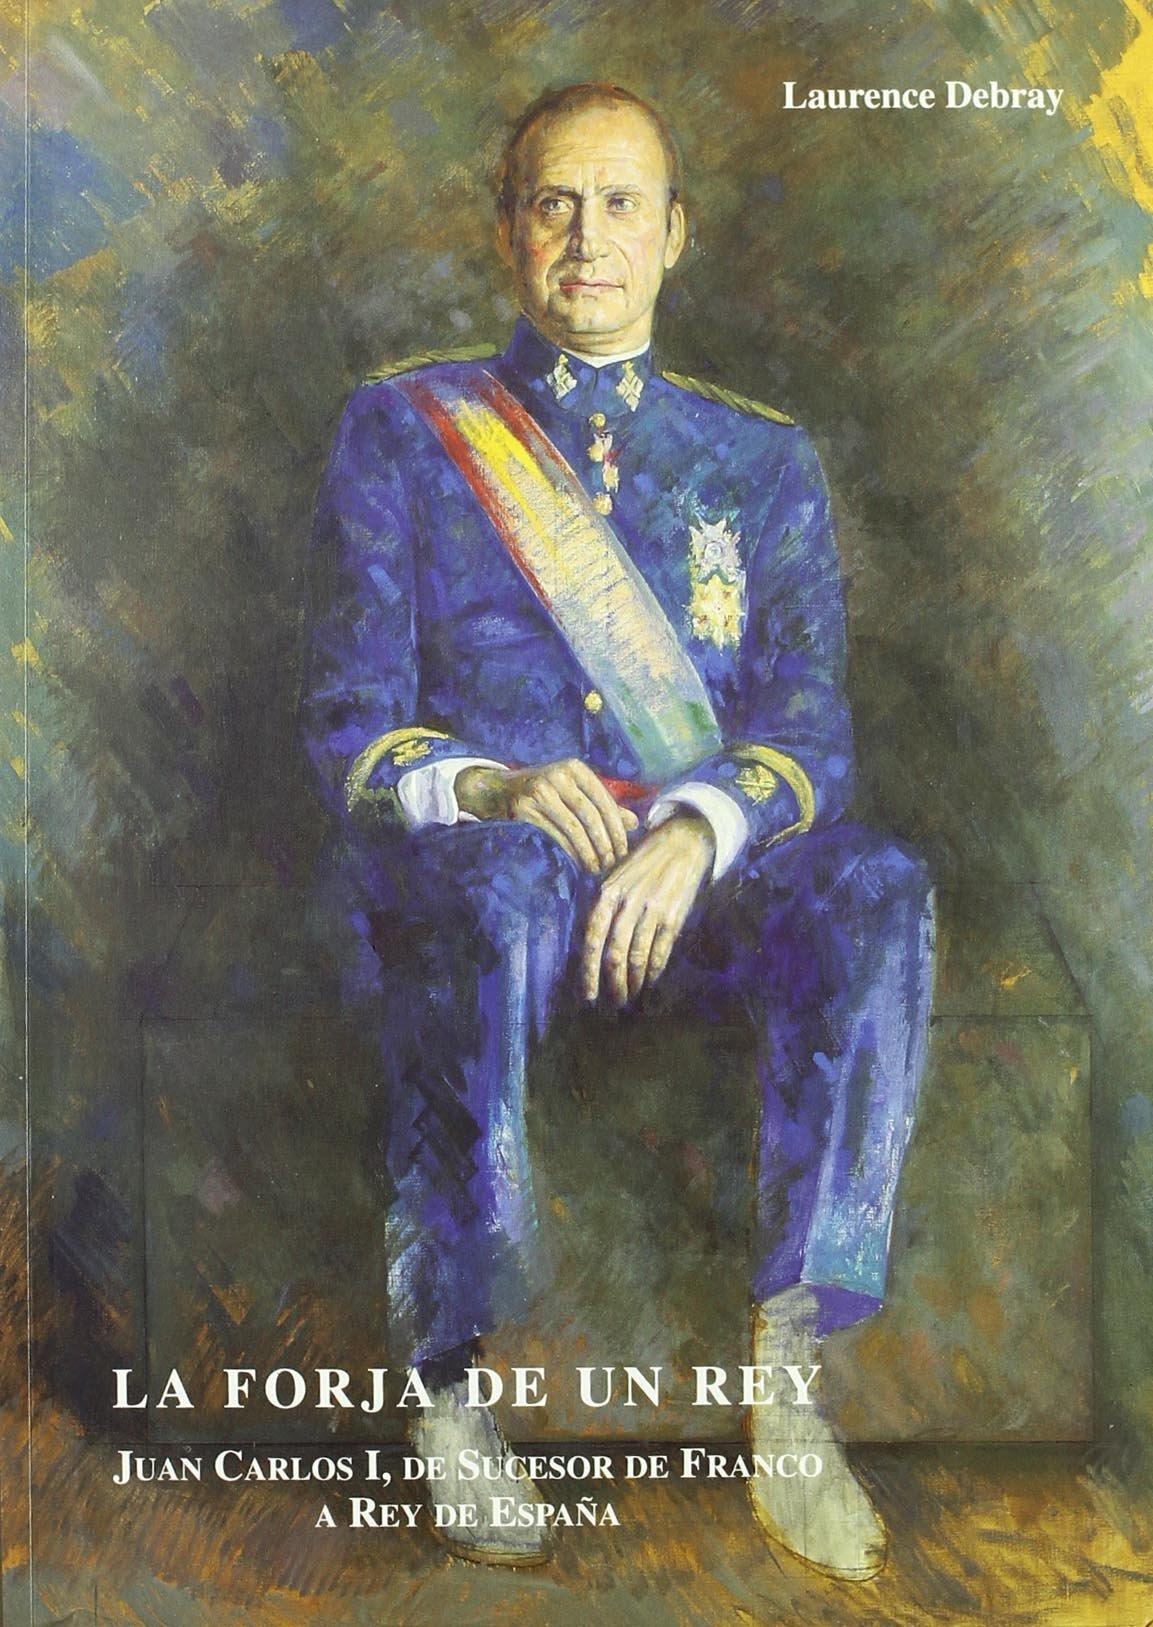 La Forja De Un Rey. Juan Carlos I, De Sucesor De Franco A Rey De España de Laurence Debray 6 jun 2014 Tapa blanda: Amazon.es: Libros